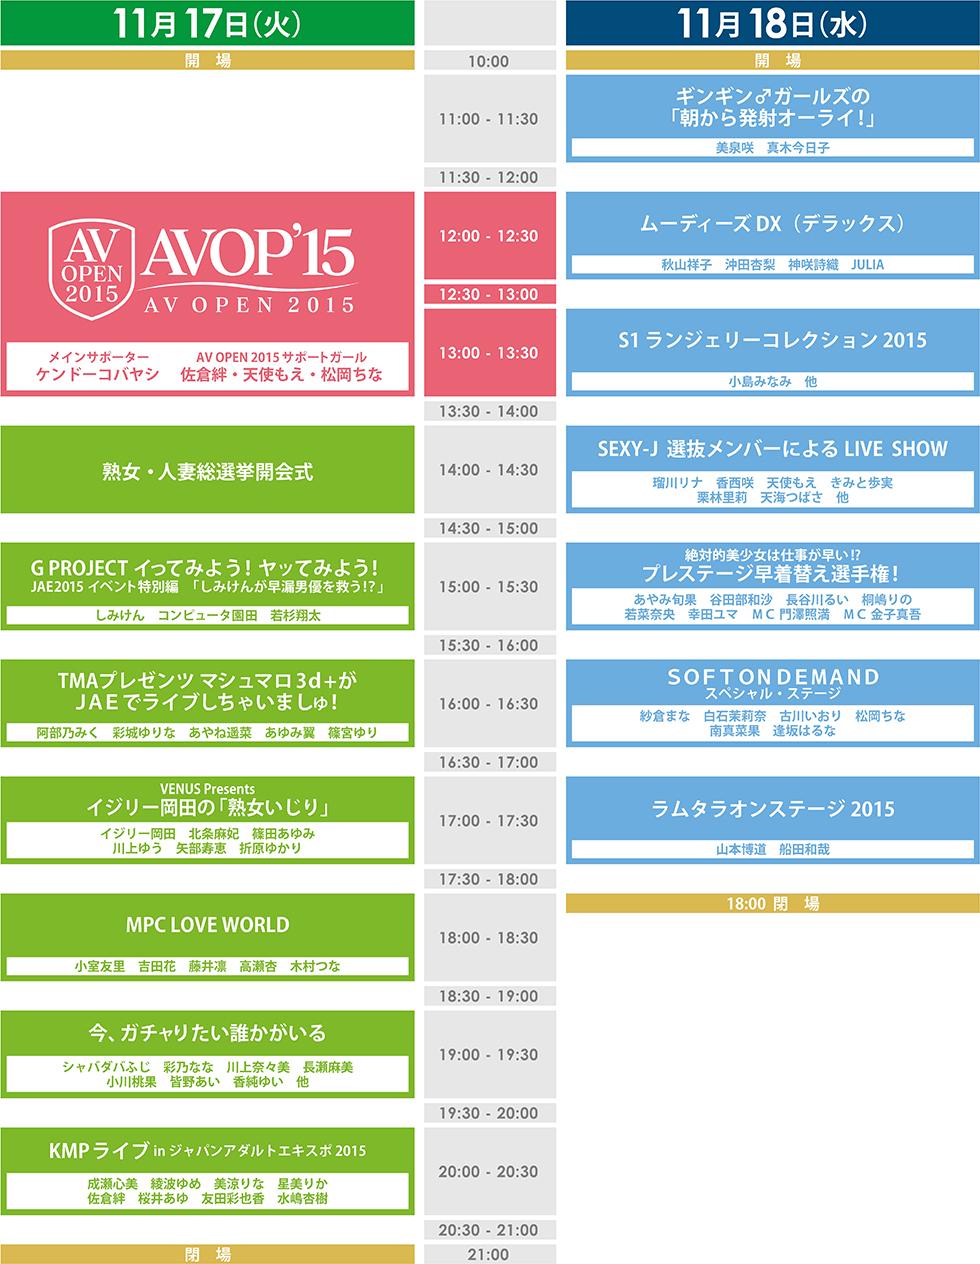 ジャパンアダルトエキスポステージタイムテーブル